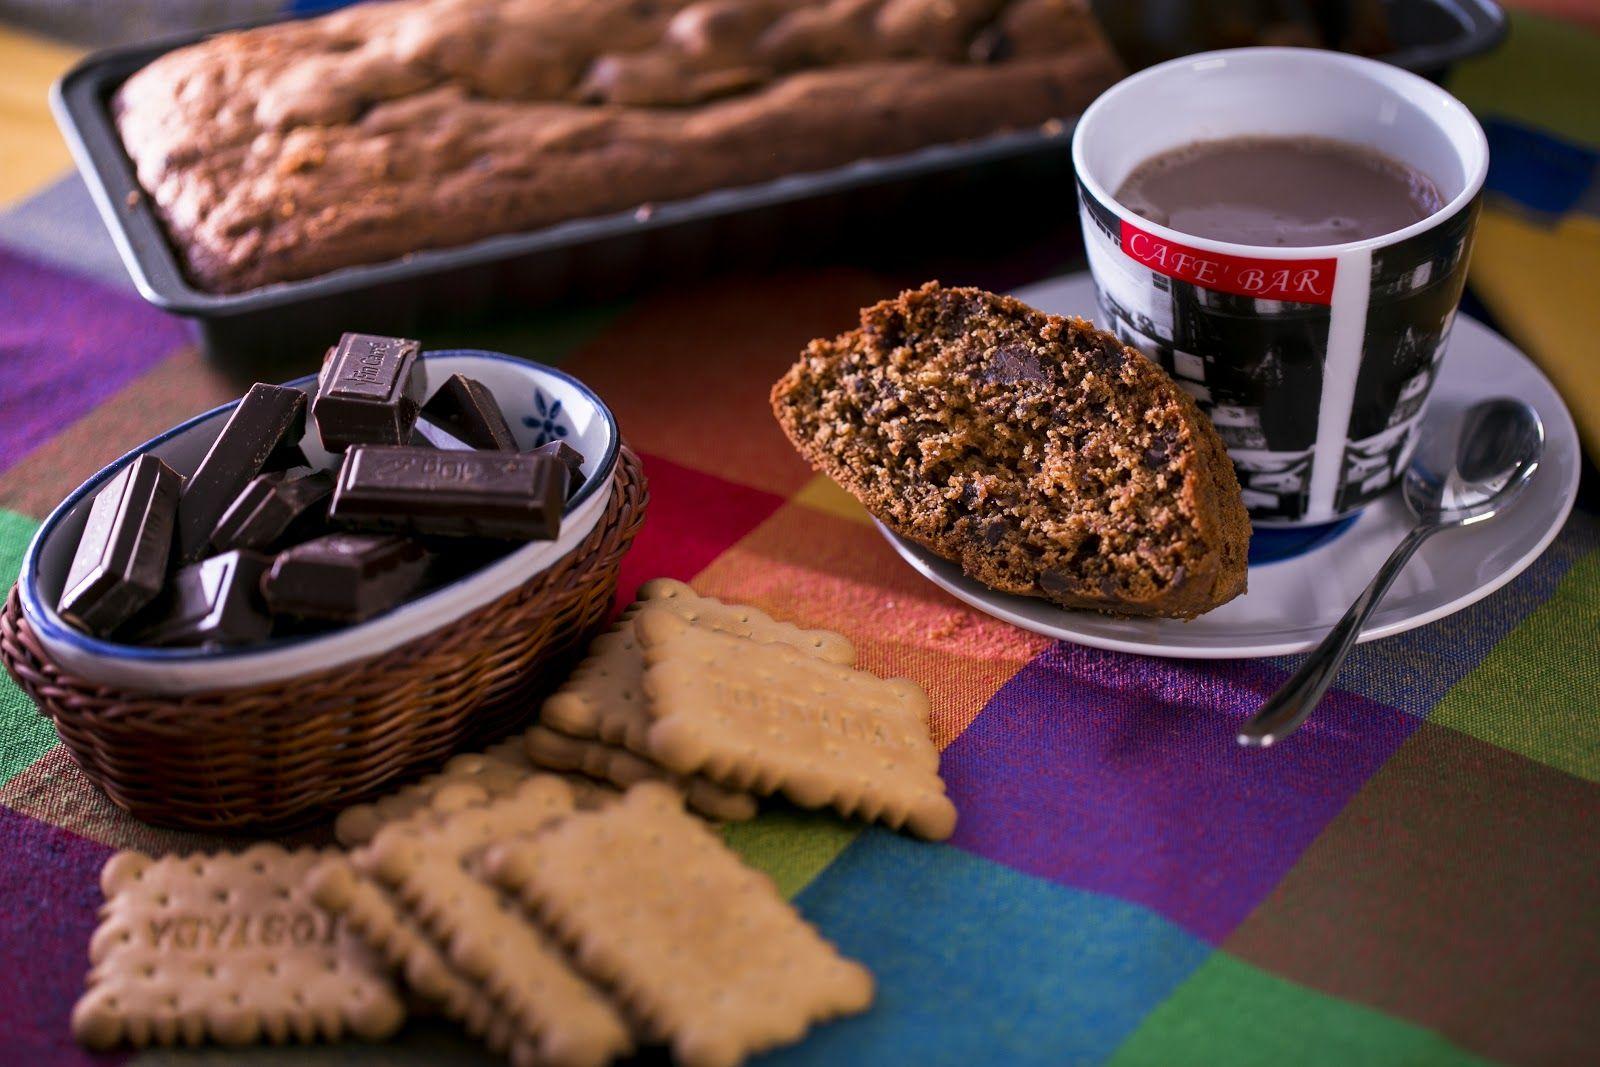 Mis thermofavoritos: BIZCOCHO DE CHOCOLATE Y GALLETAS